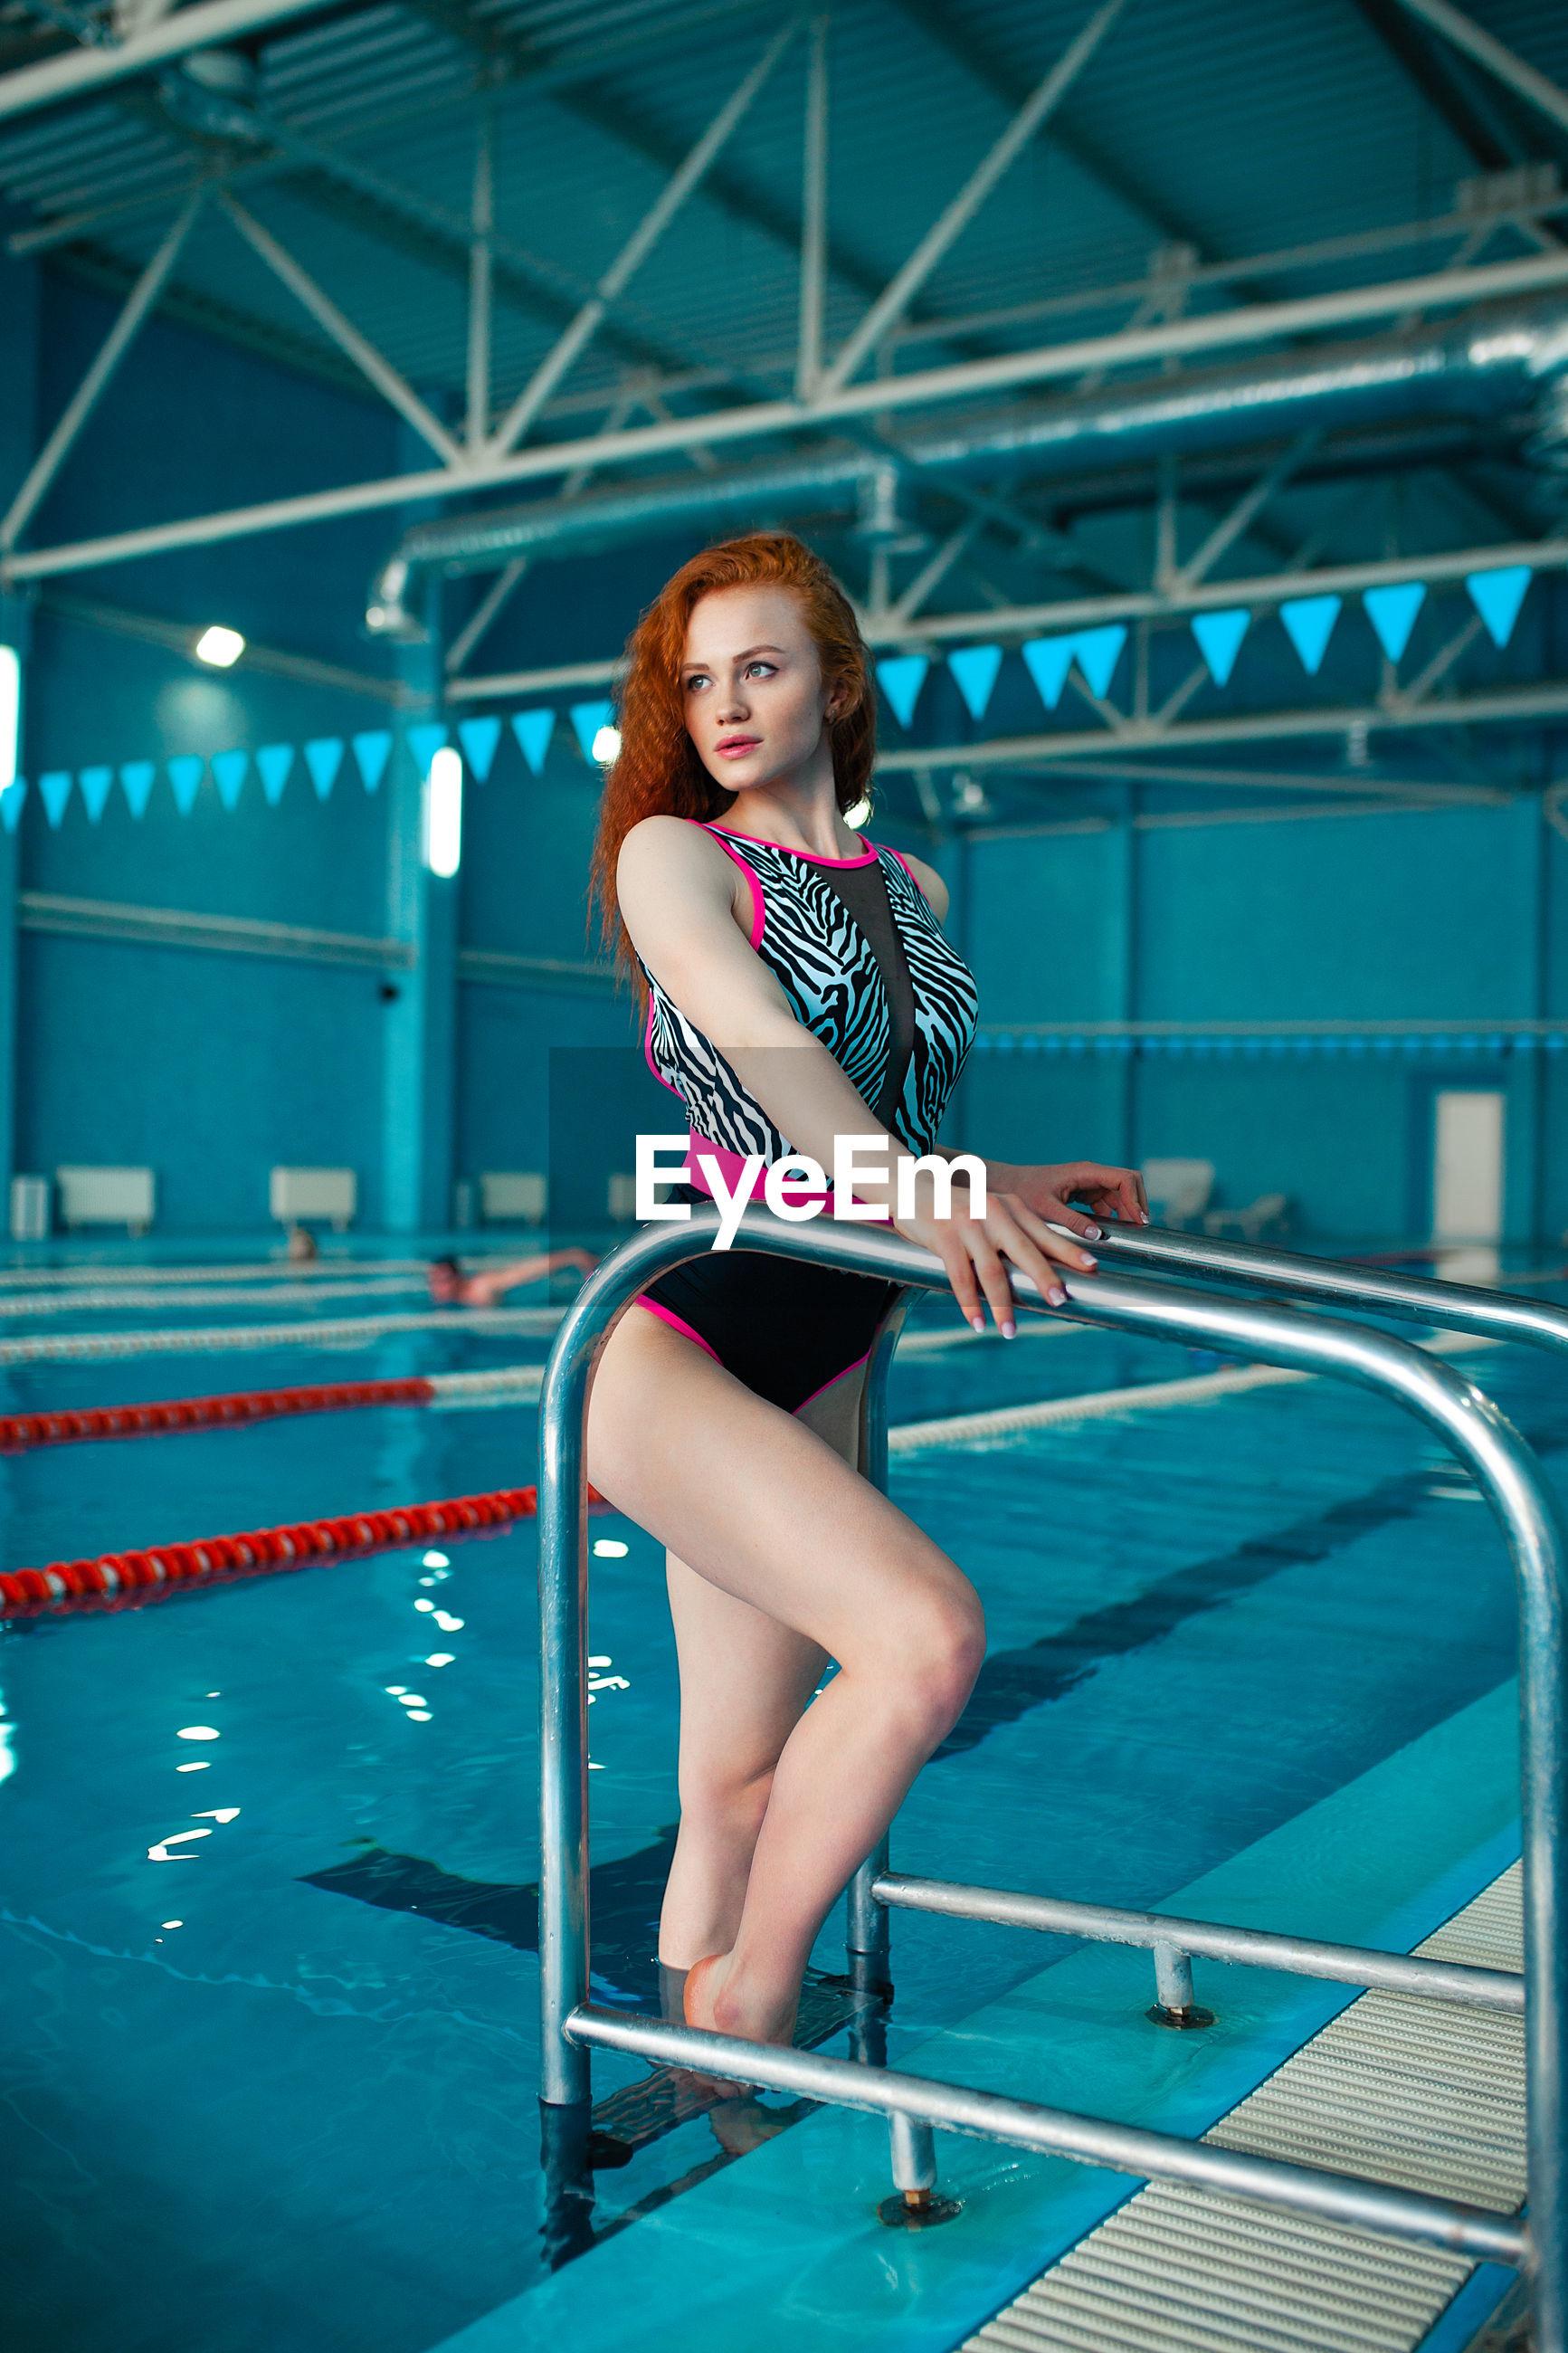 Beautiful redhead woman standing in swimming pool